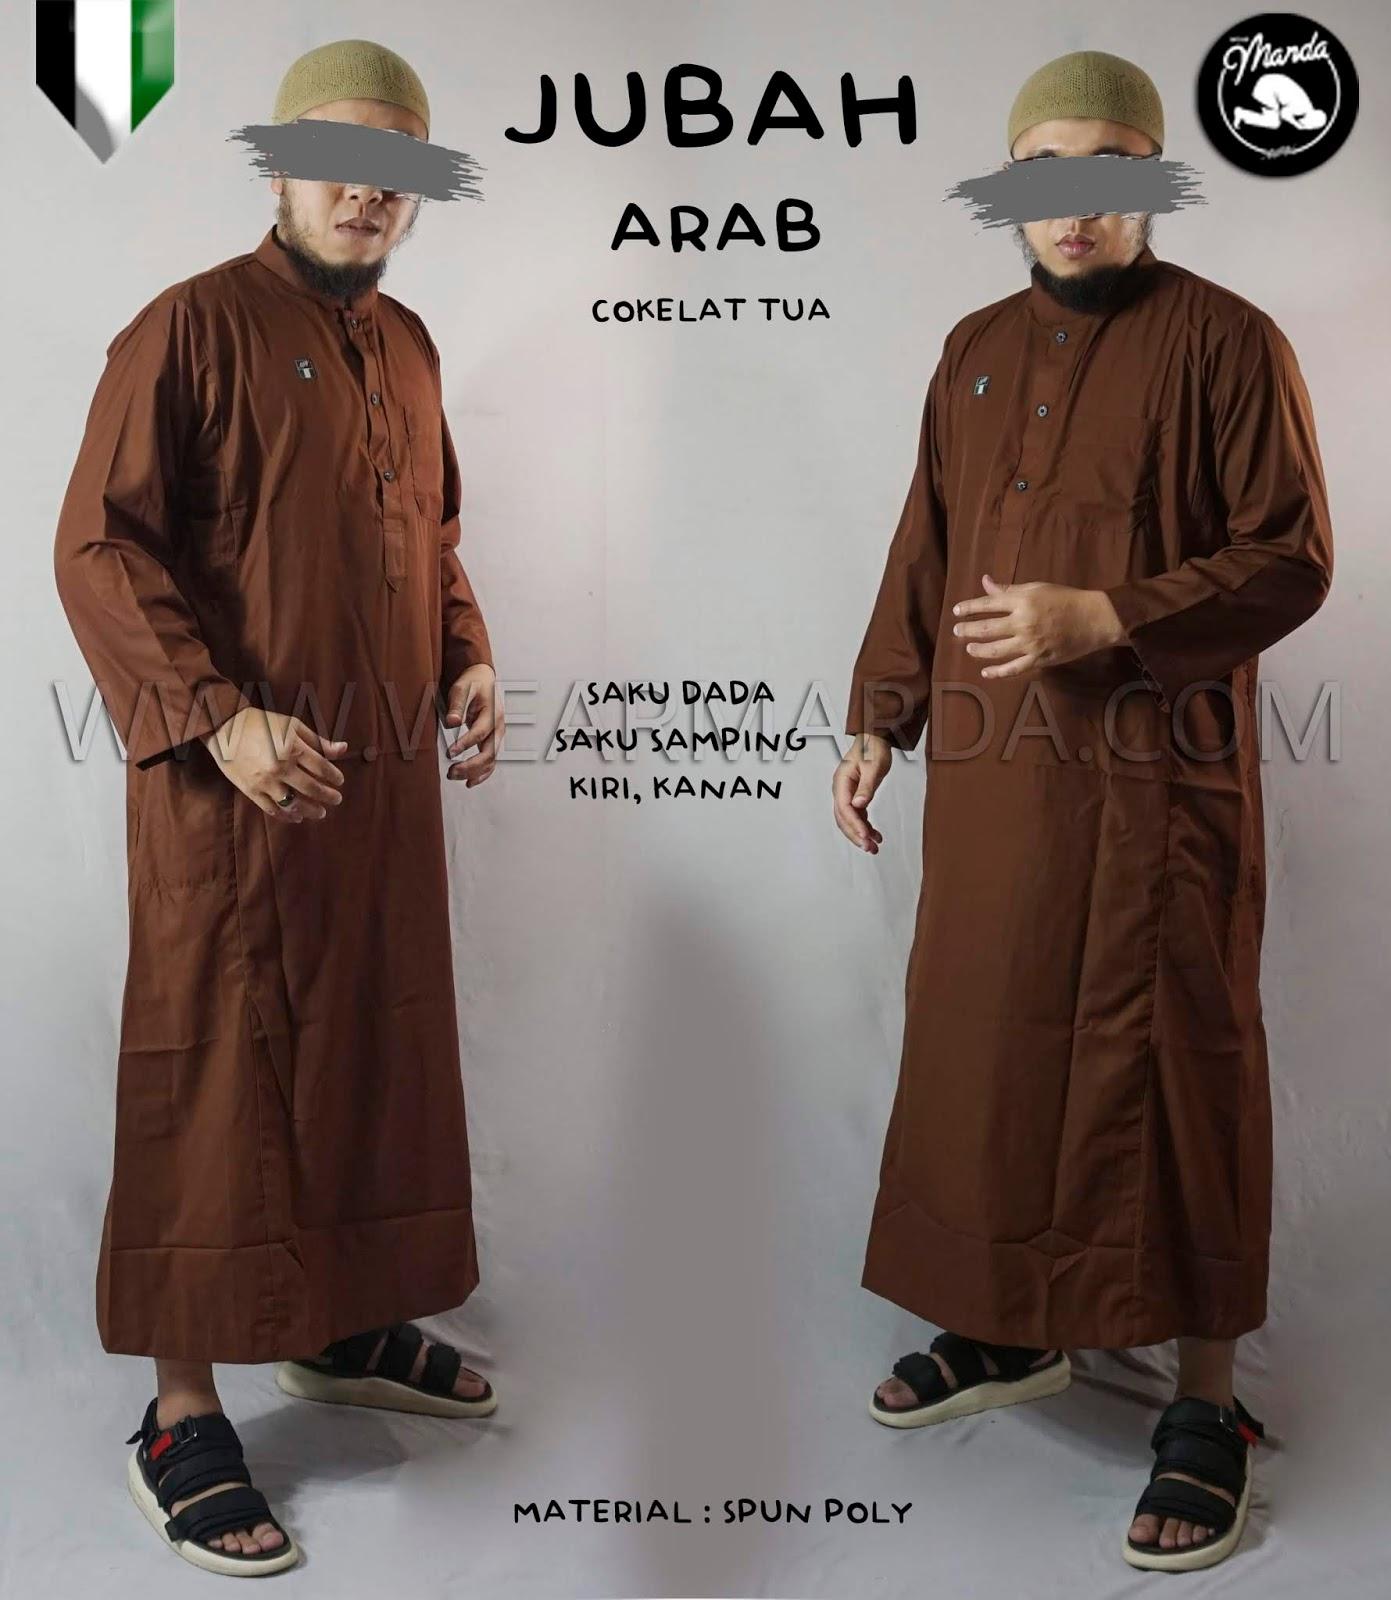 JUBAH ARAB COKELAT TUA